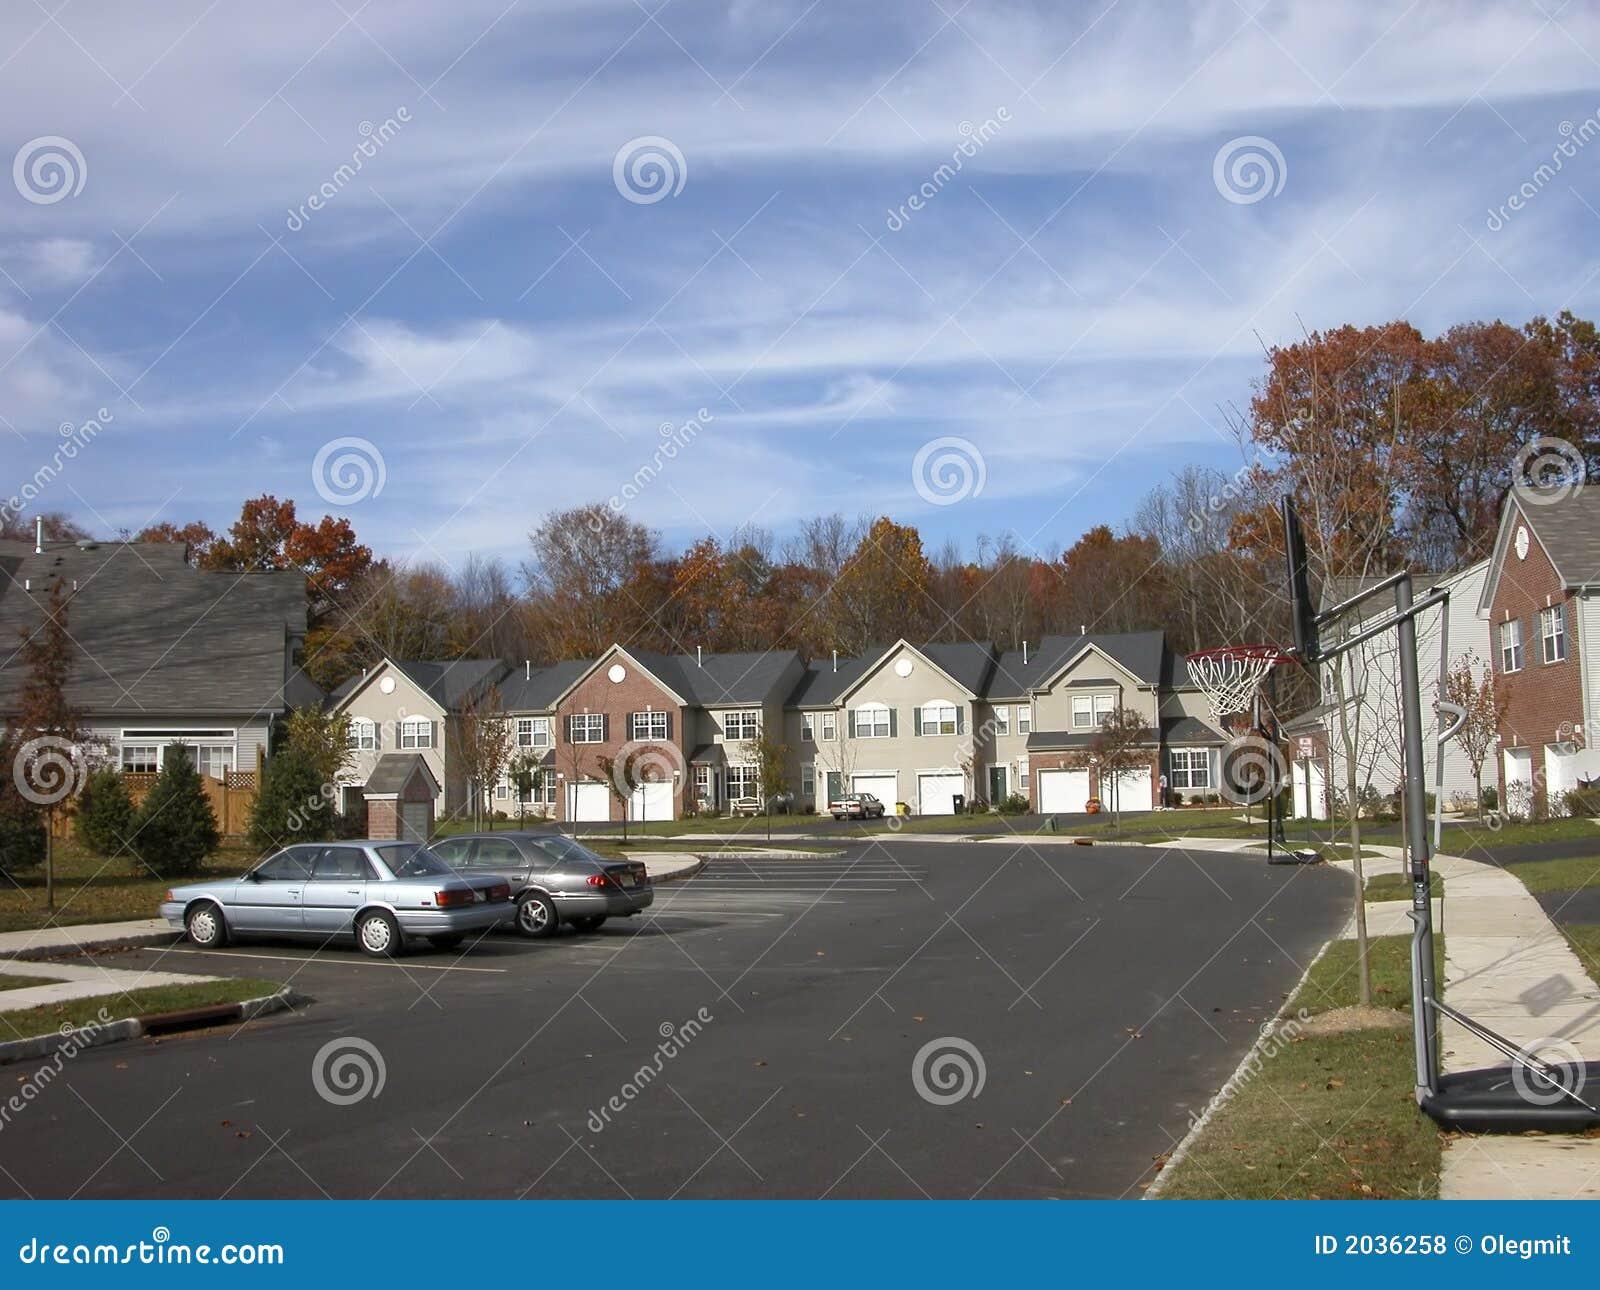 modernes haus alten huser innen modern gestalten amerikanische ... - Amerikanische Huser